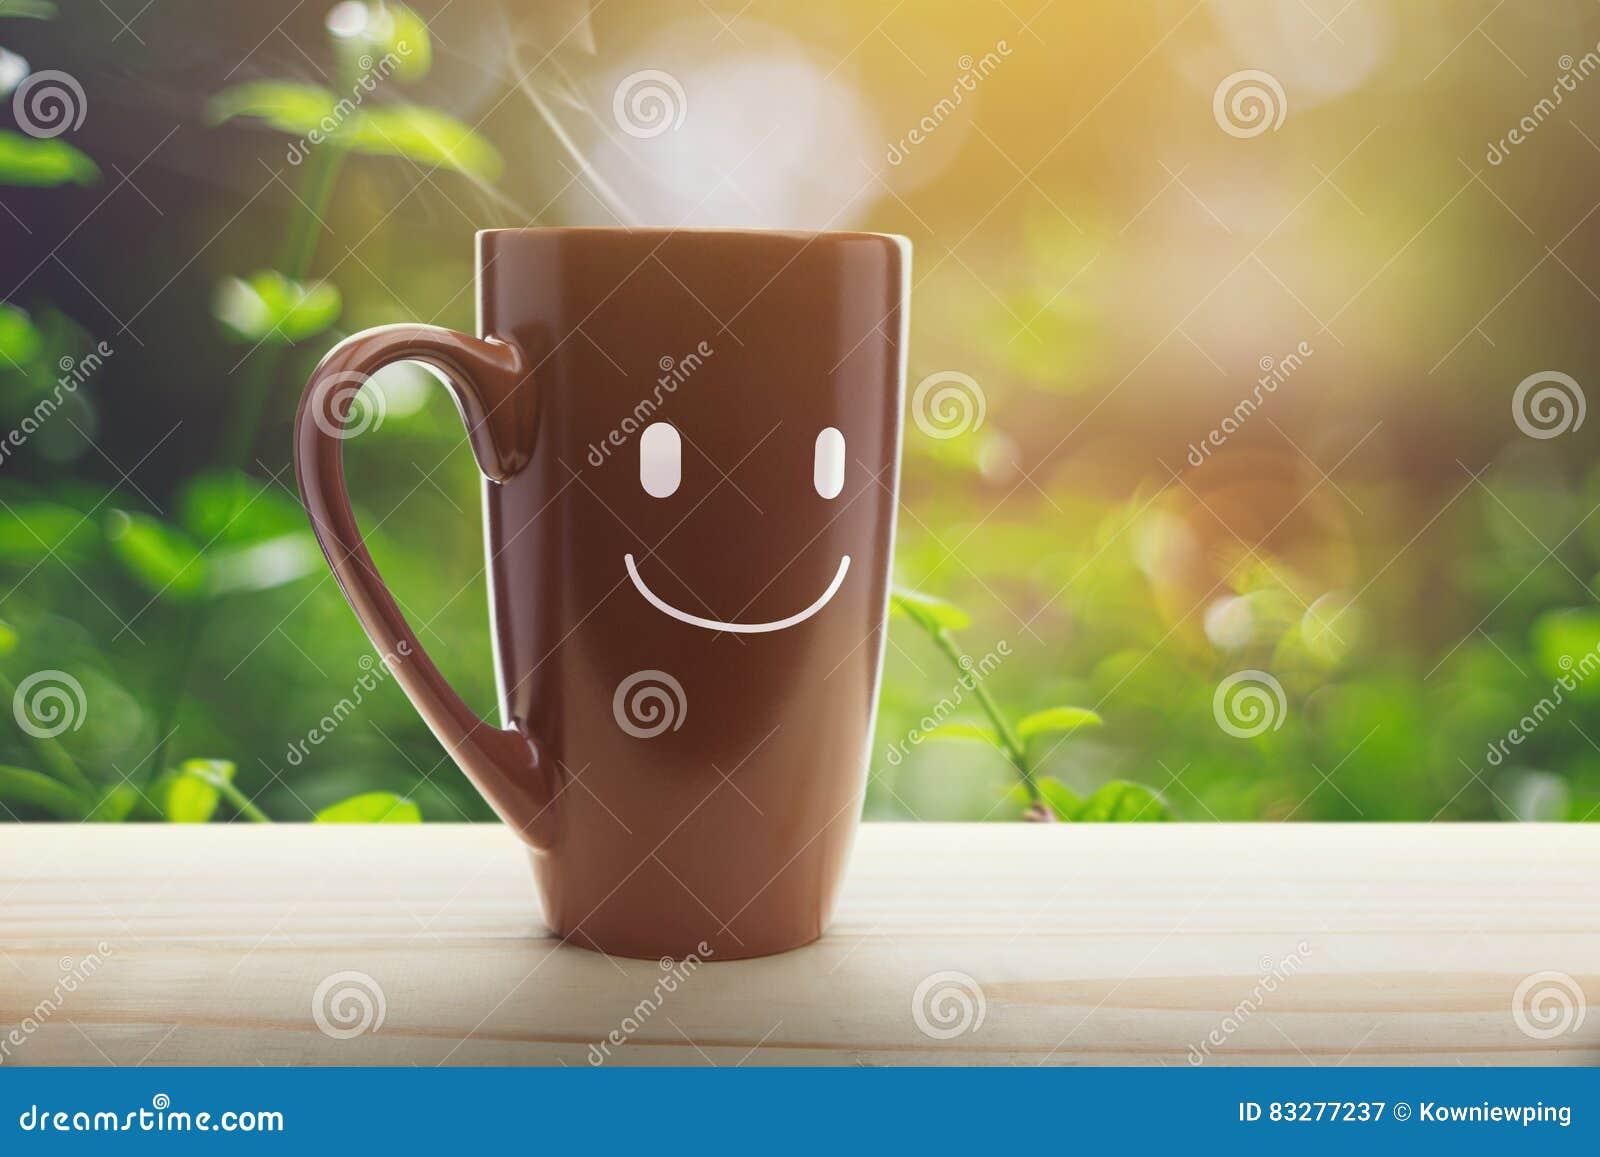 Pátio de entrada coberto vazio de copo de café de Brown a manhã